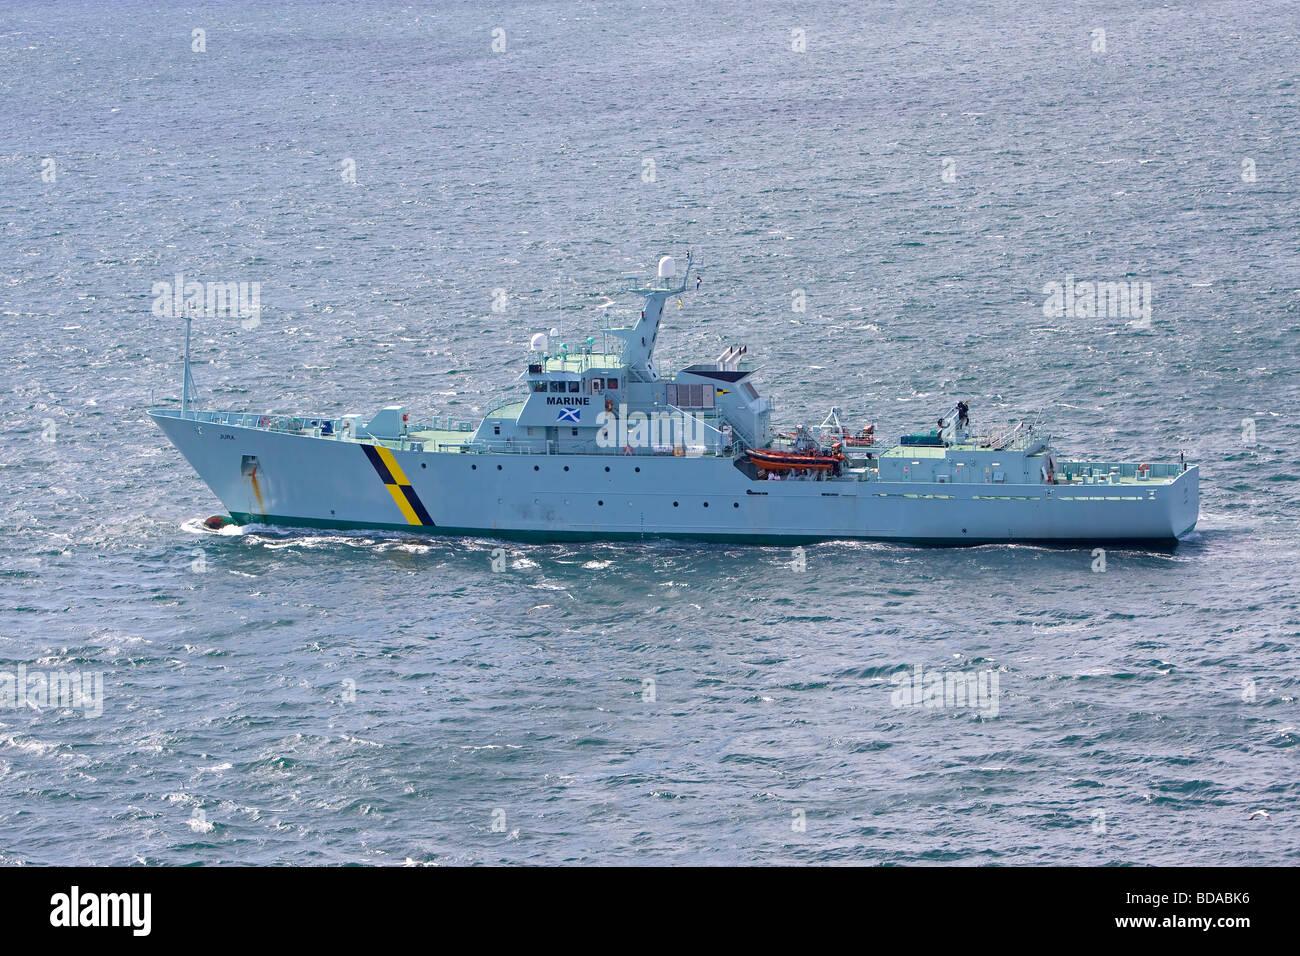 HMS Jura Fischerei Schutz Schiff Fischerei Marine UK Küste Stockbild